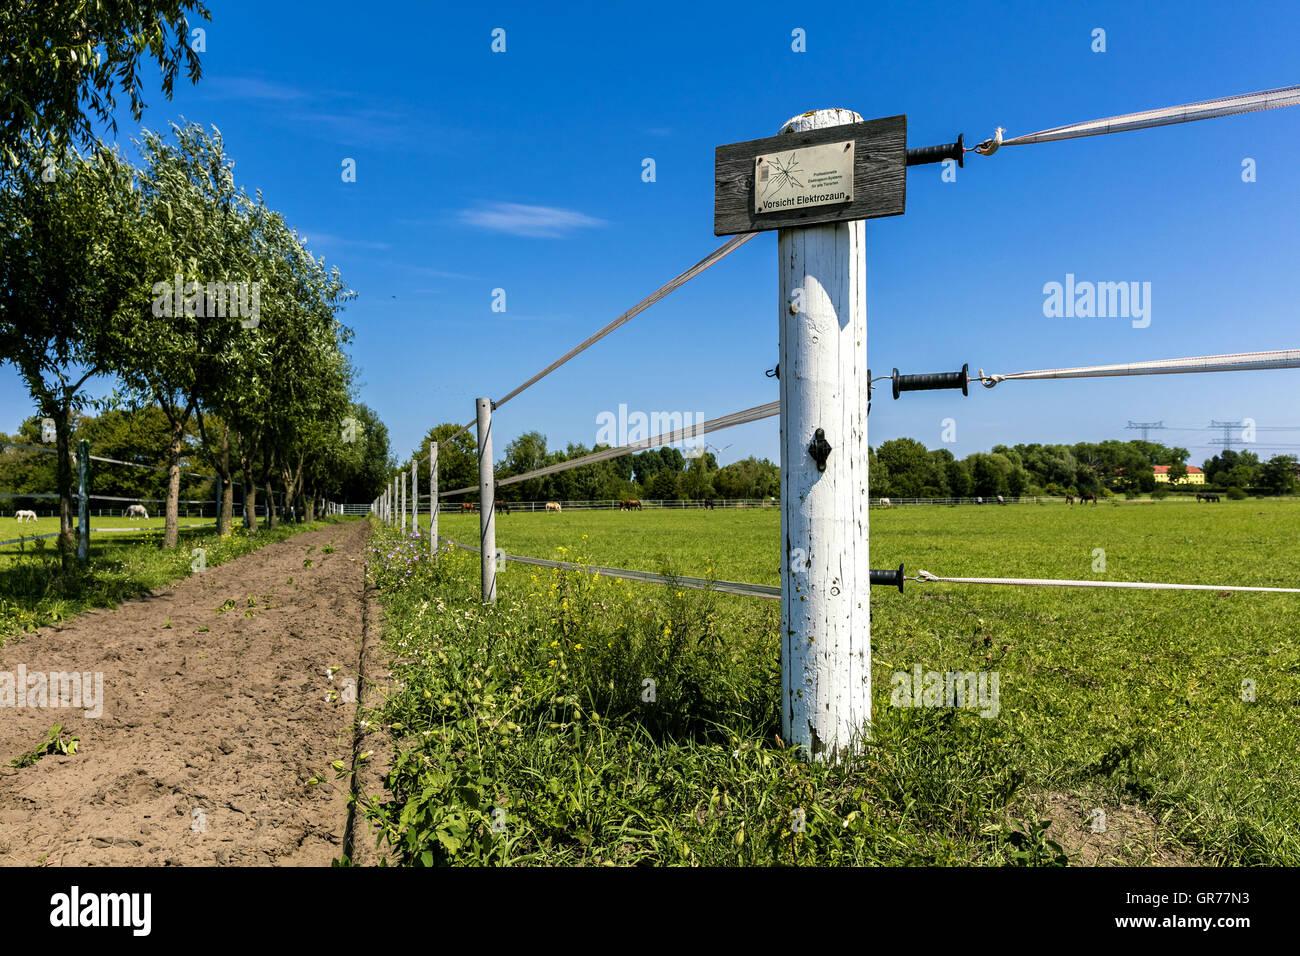 Recinzioni Elettriche Per Cavalli.Recinzioni Elettriche A Cavallo Gate Foto Immagine Stock